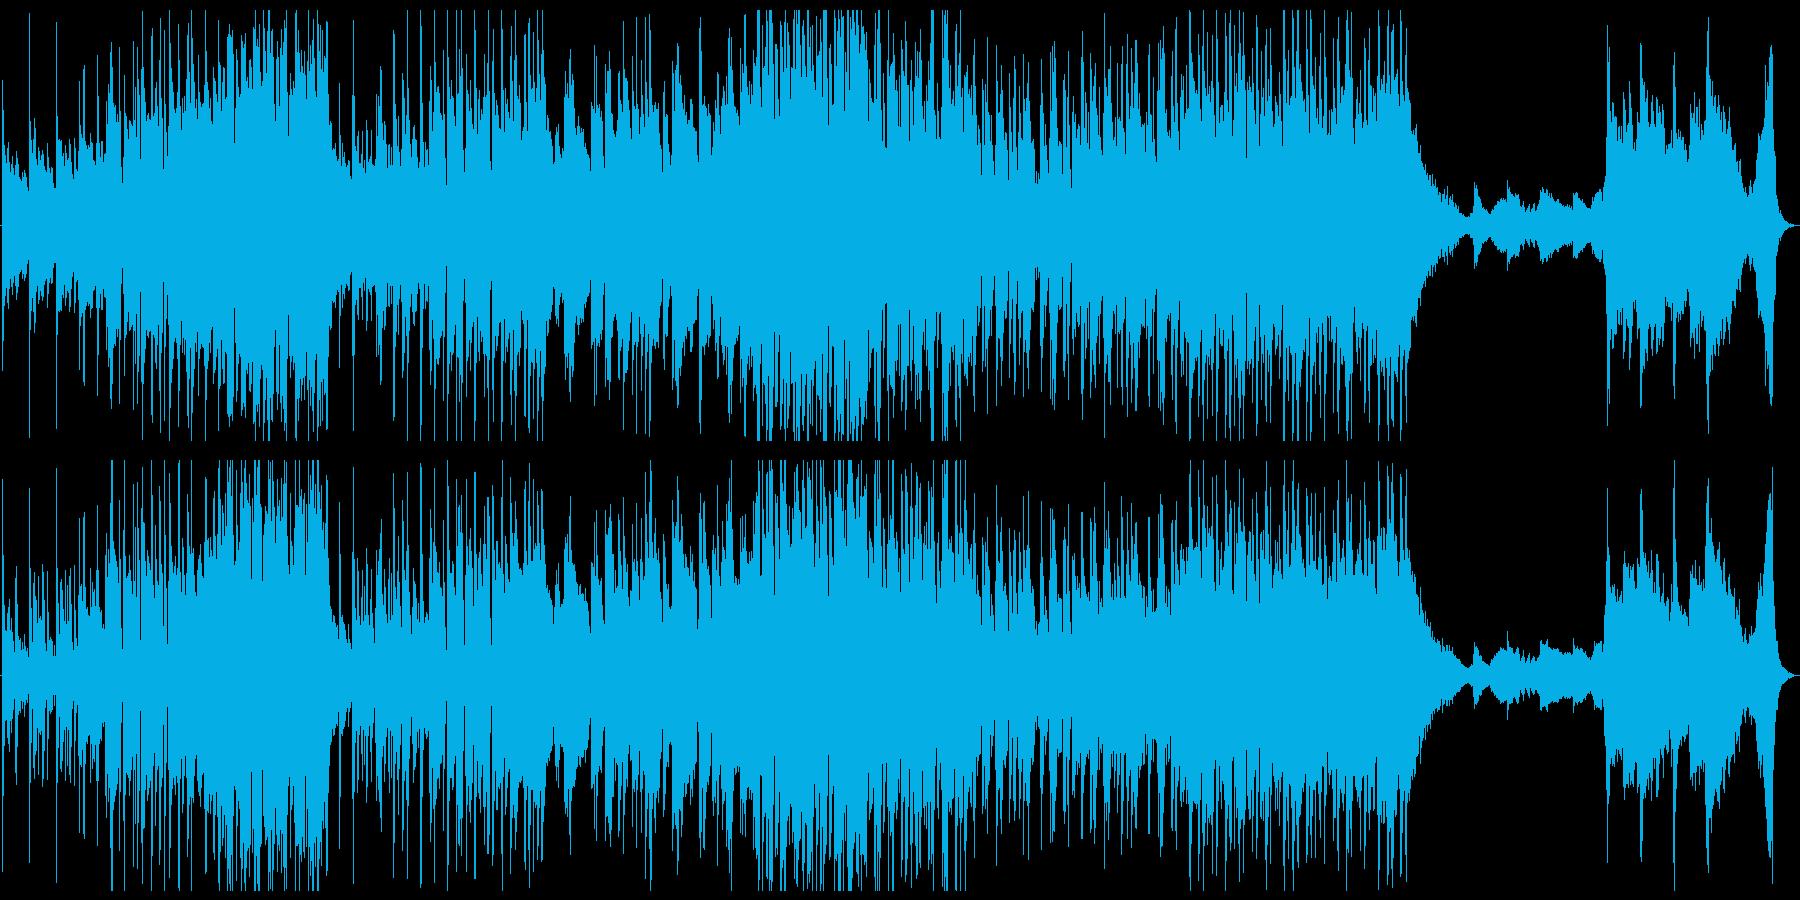 絵本のような可愛い世界観のBGMの再生済みの波形